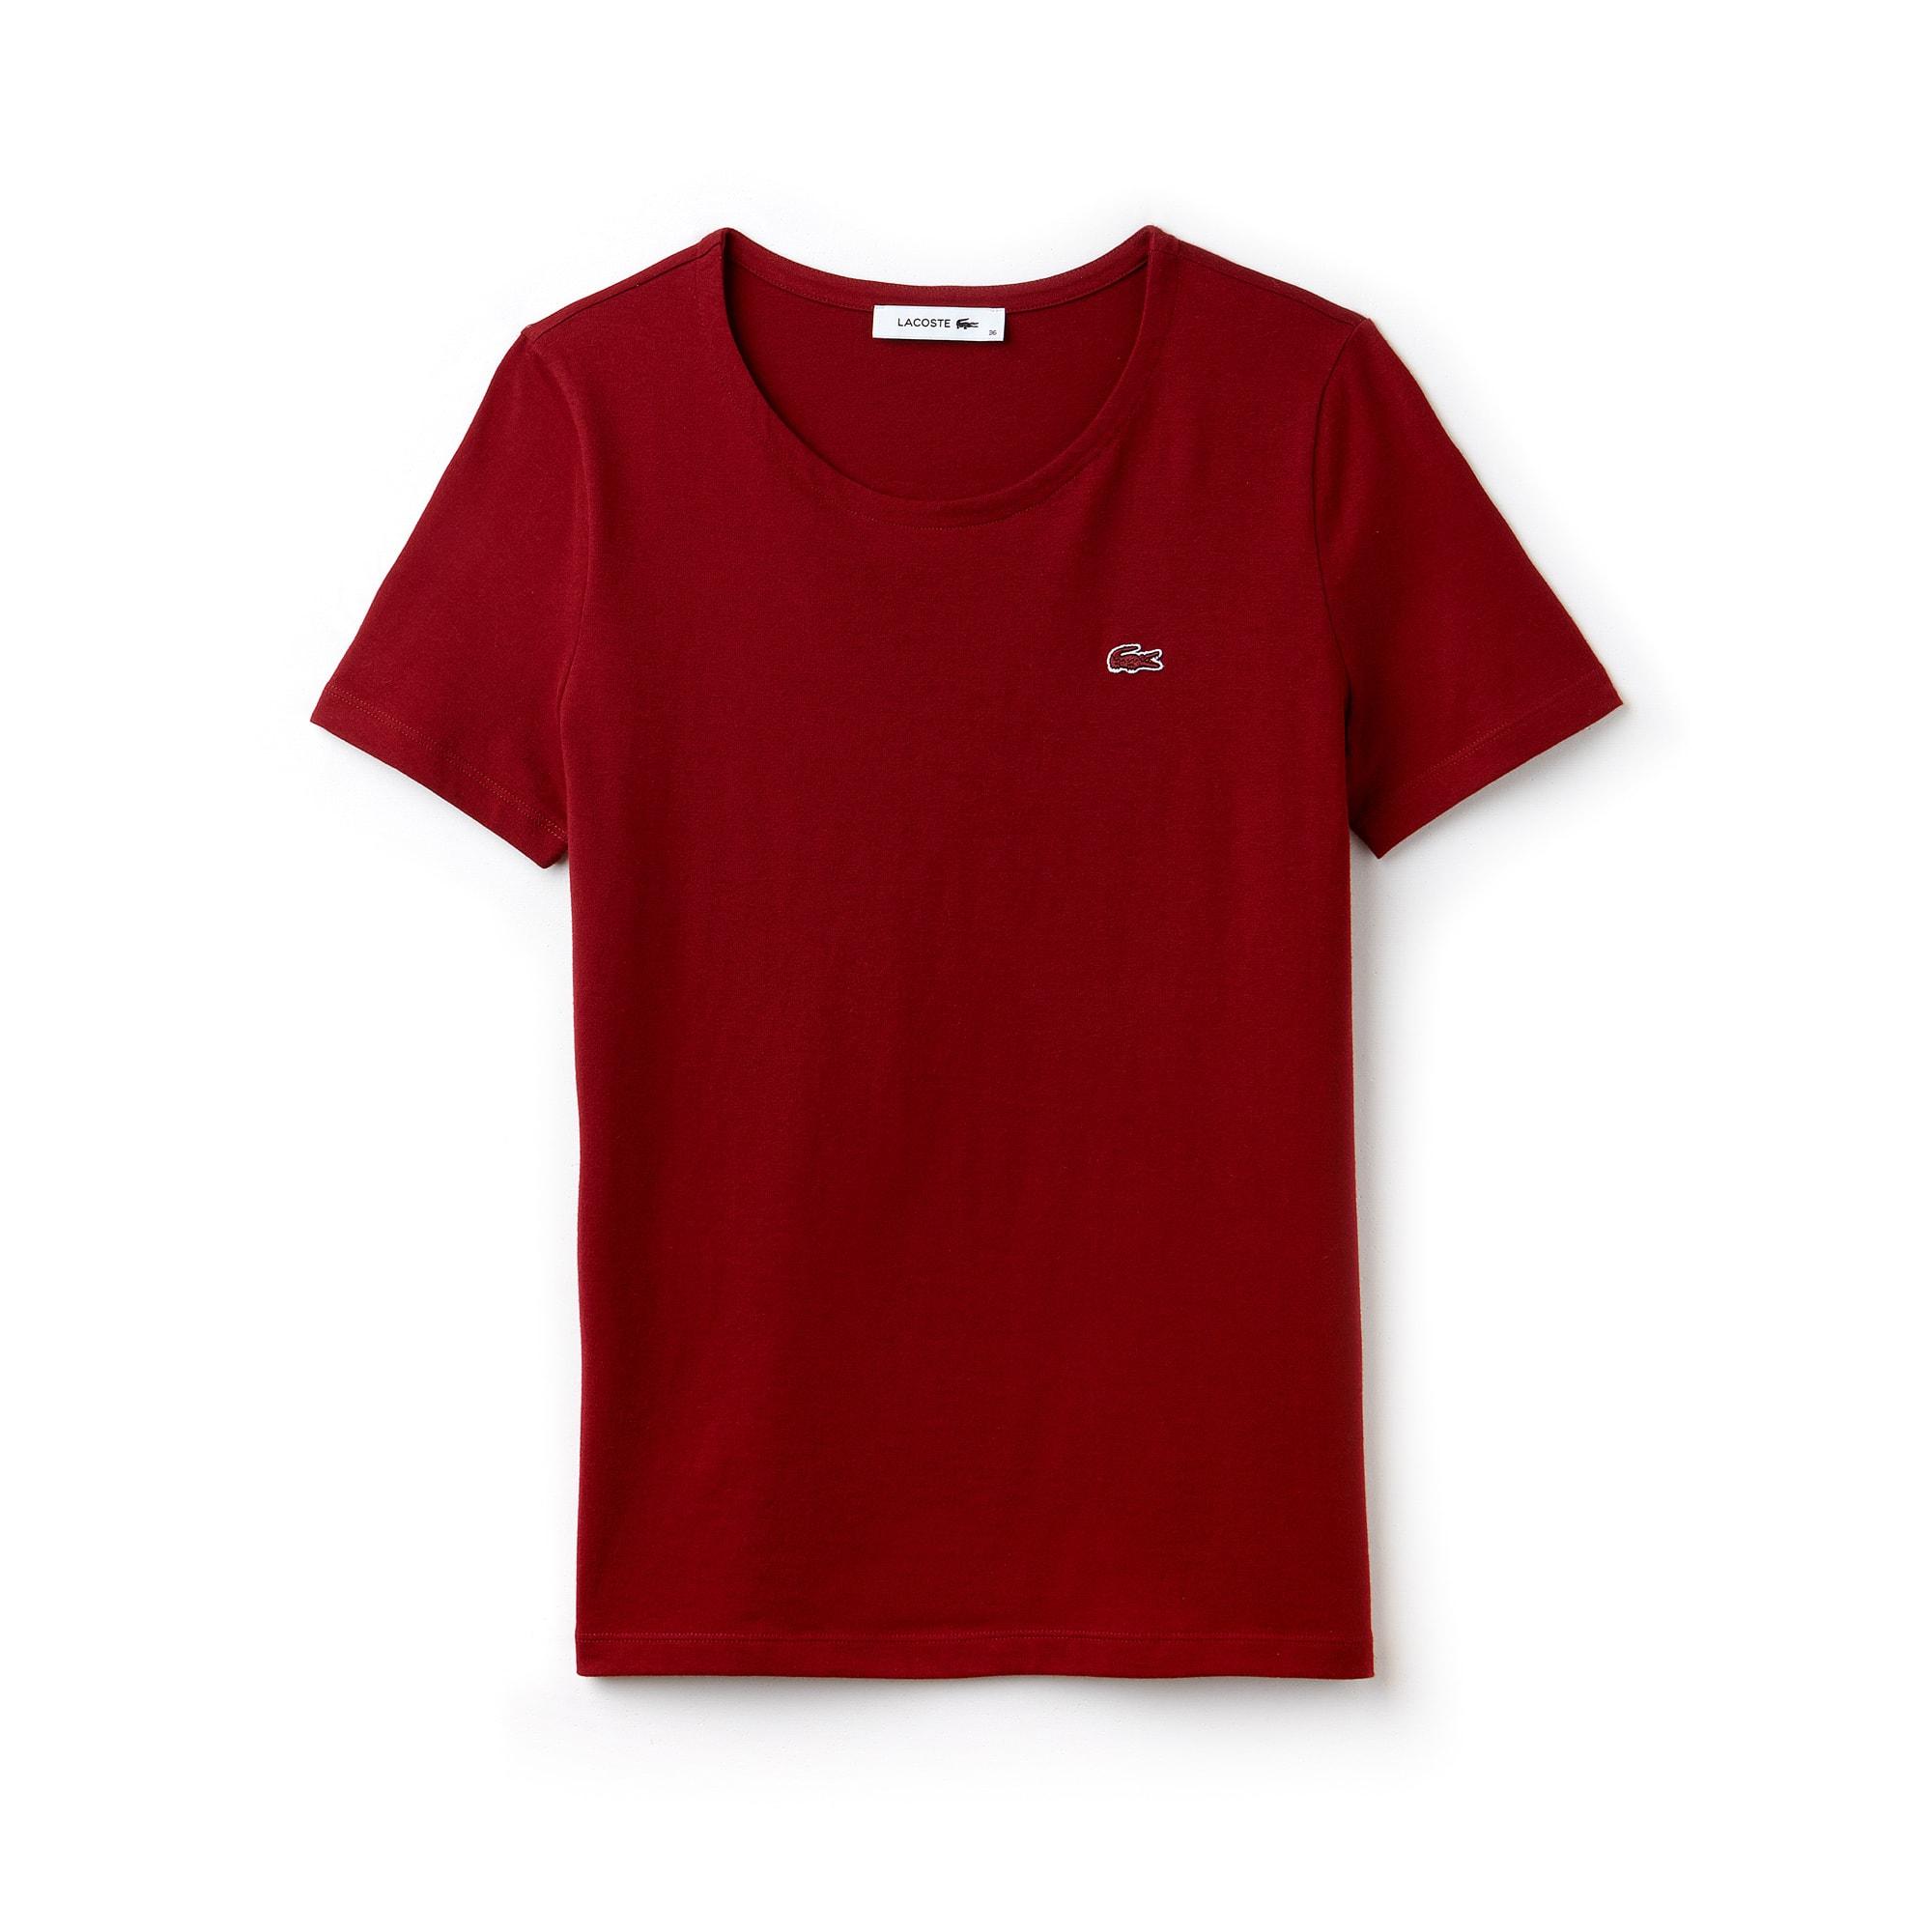 T-shirt decote redondo em jersey de algodão fluido unicolor